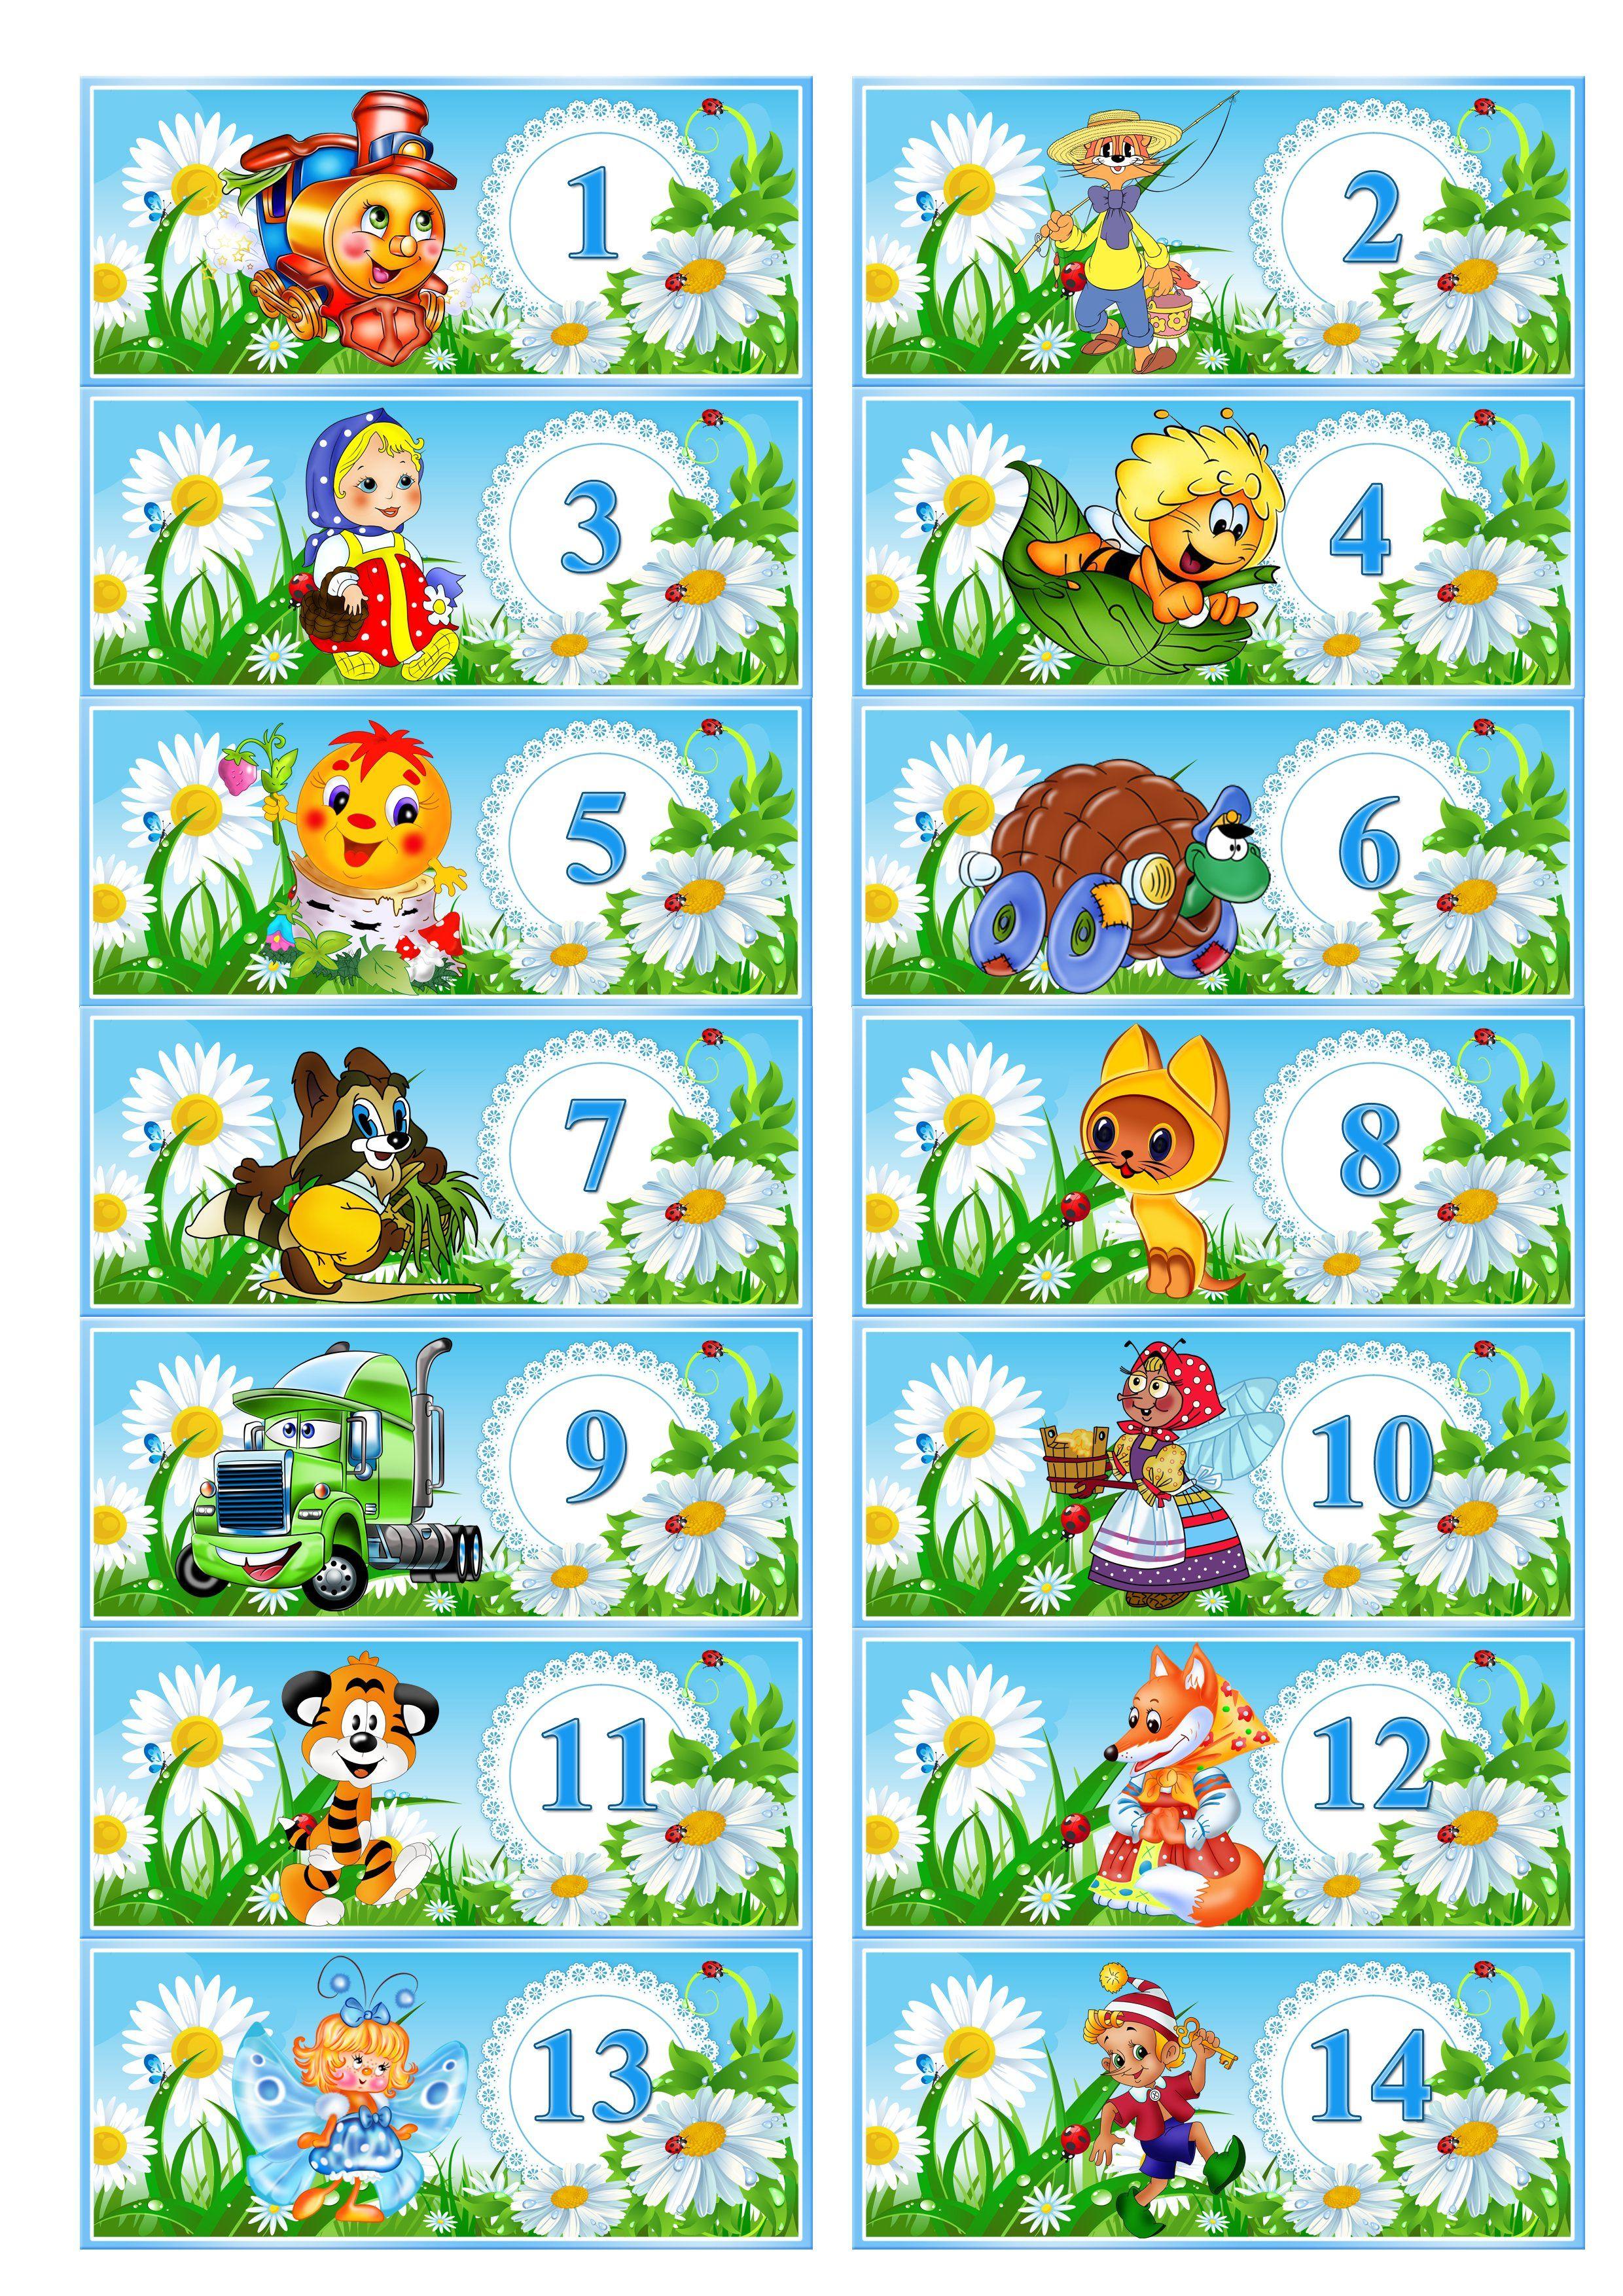 Картинки на шкафчике в детском саду скачать бесплатно